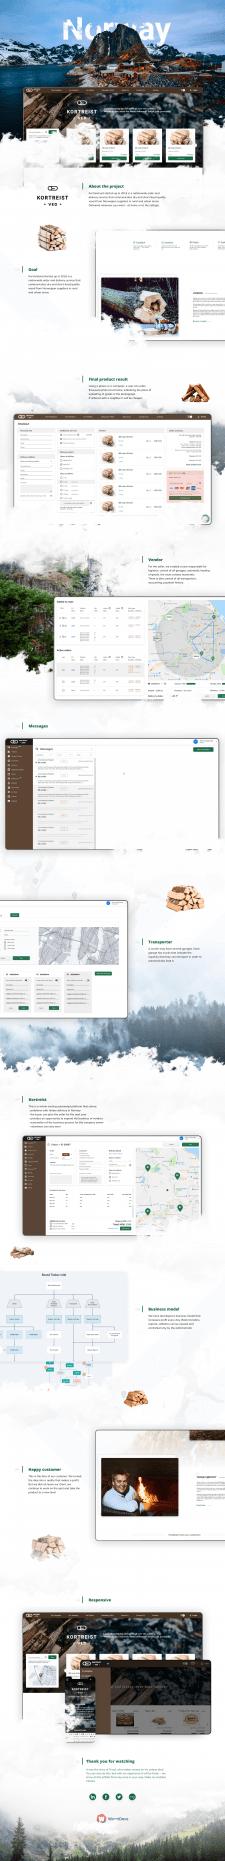 Kortrest Ved UI/UX Design